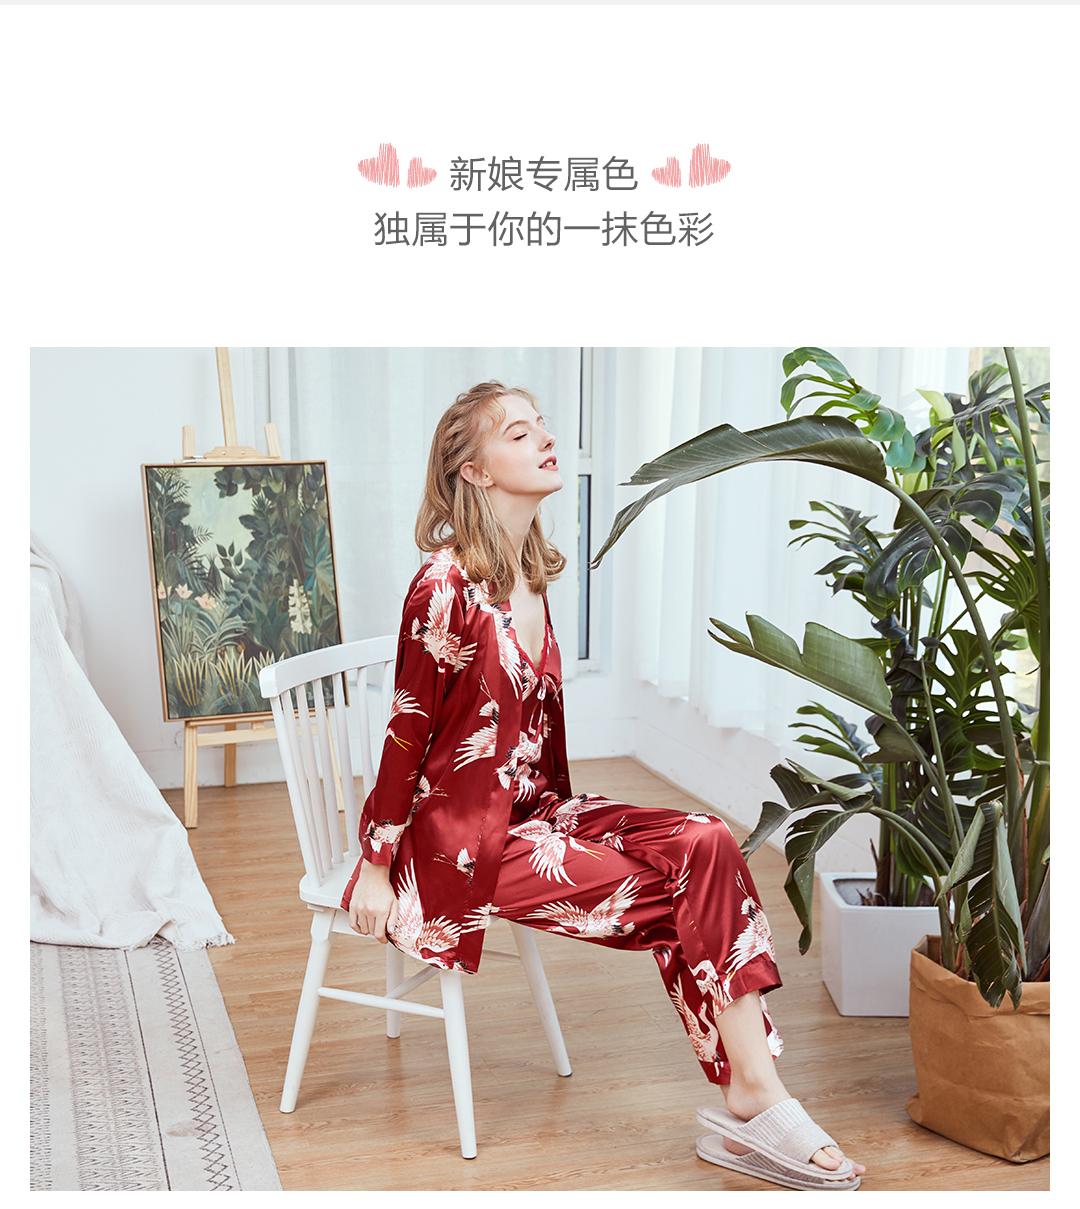 求婚三件_【2月1日陆续发货】中国风手绘仙鹤三件套新婚睡衣【婚礼纪】